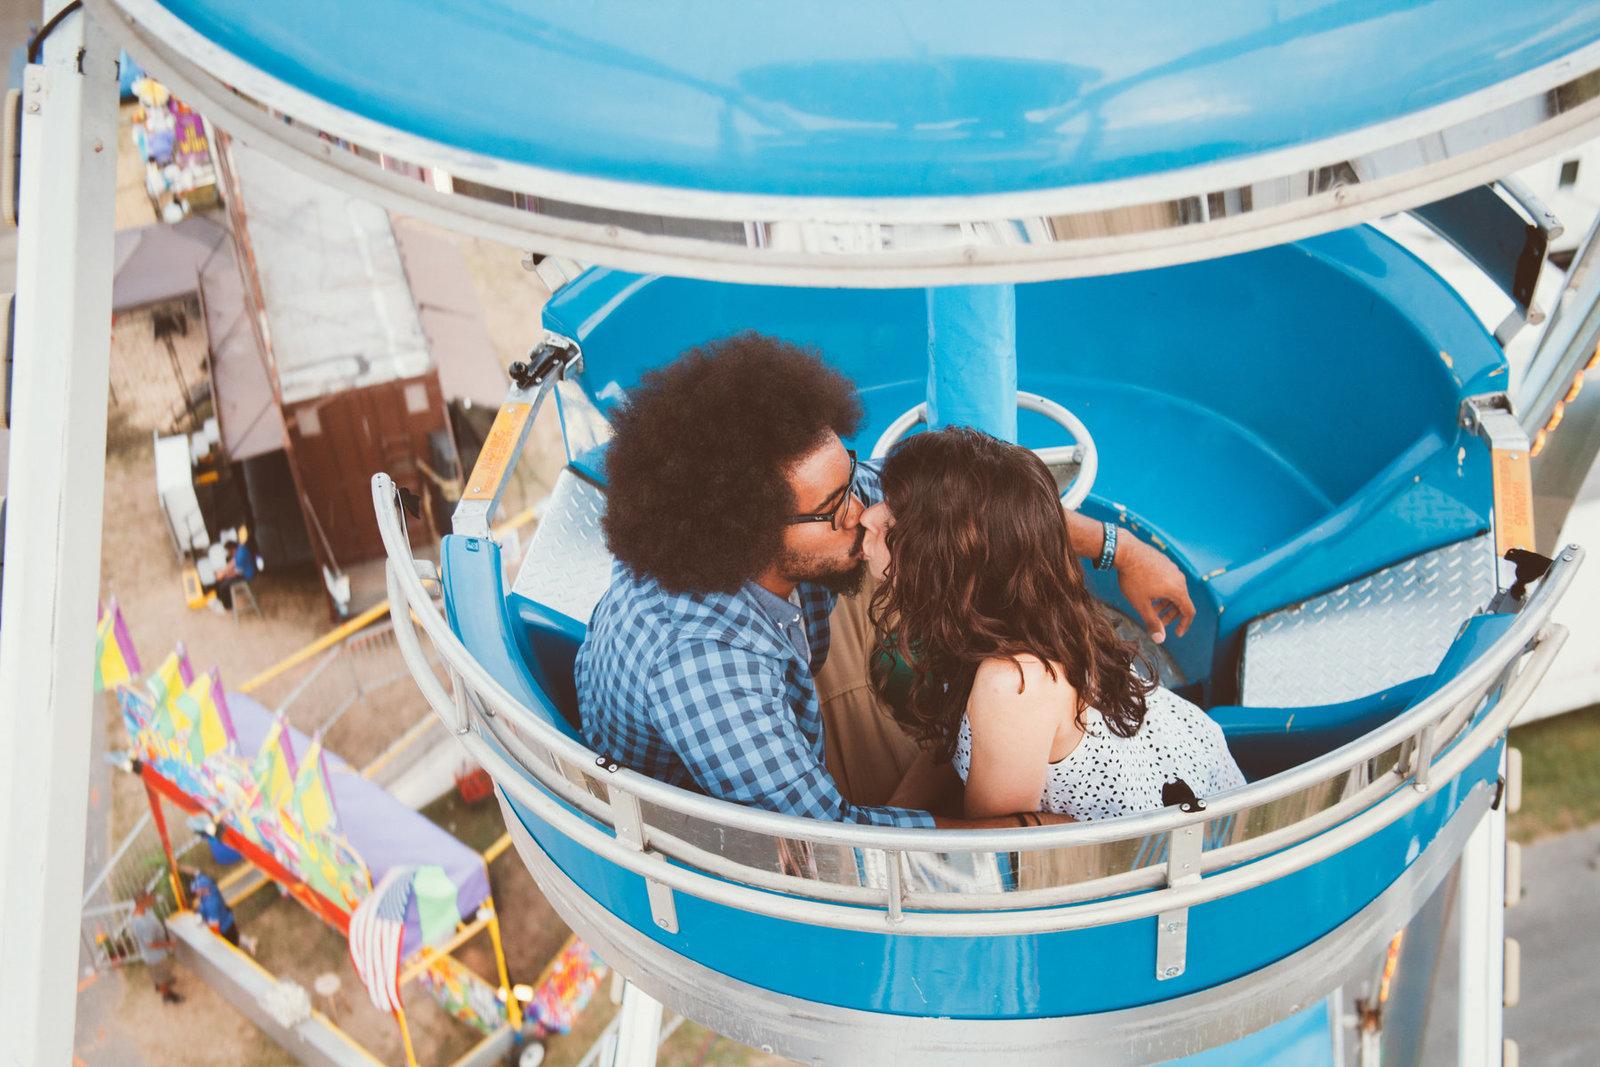 Kennard_Stephanie_Engagement-Kennard_Stephanie_Engagement-0030_xh54ki